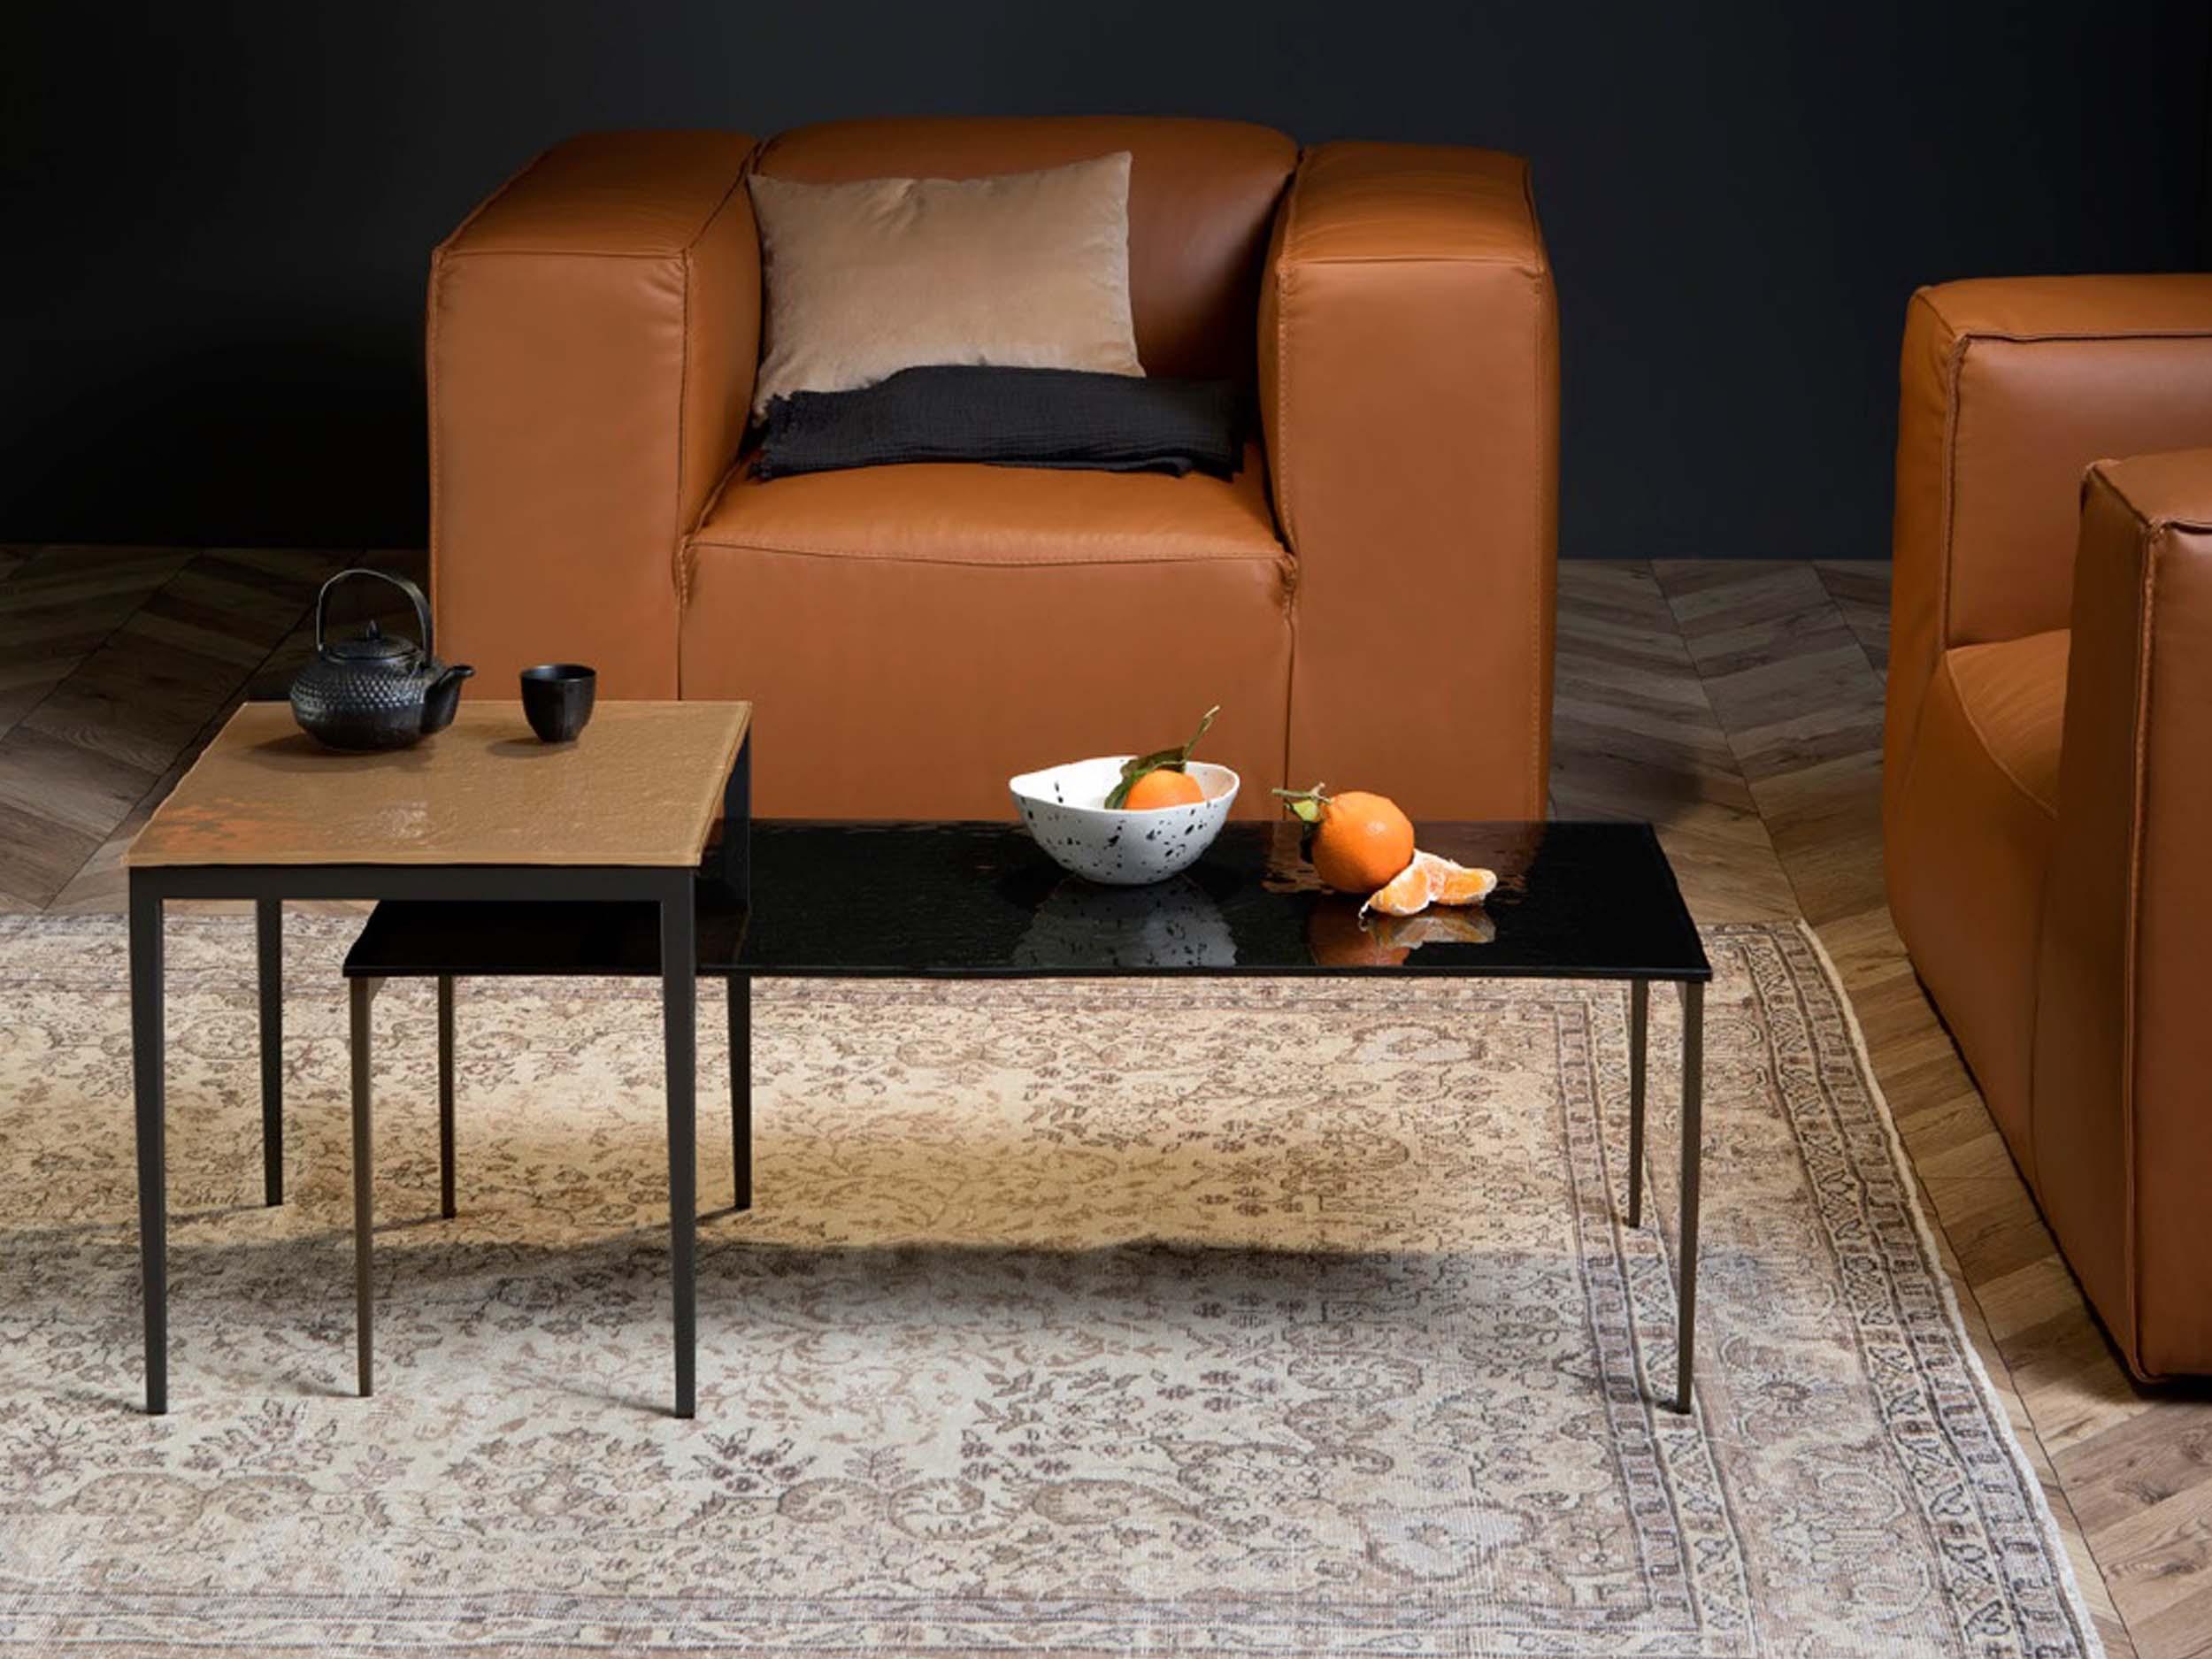 Maistri Central Table